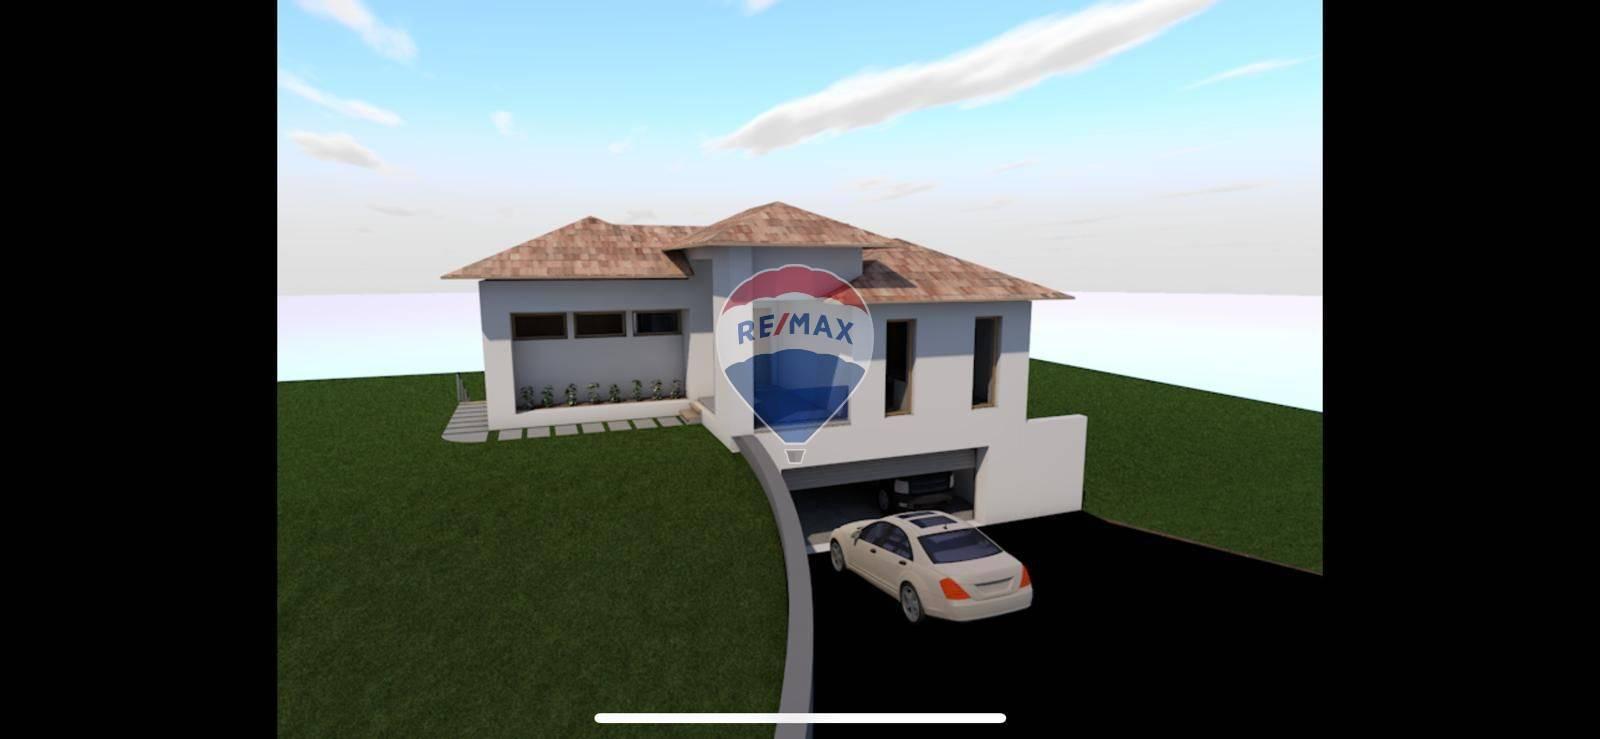 Na predaj: 5izbový rodinný dom, hrubá stavba - 230 m², pozemok 892 m² - Horný Bar - Šuľany